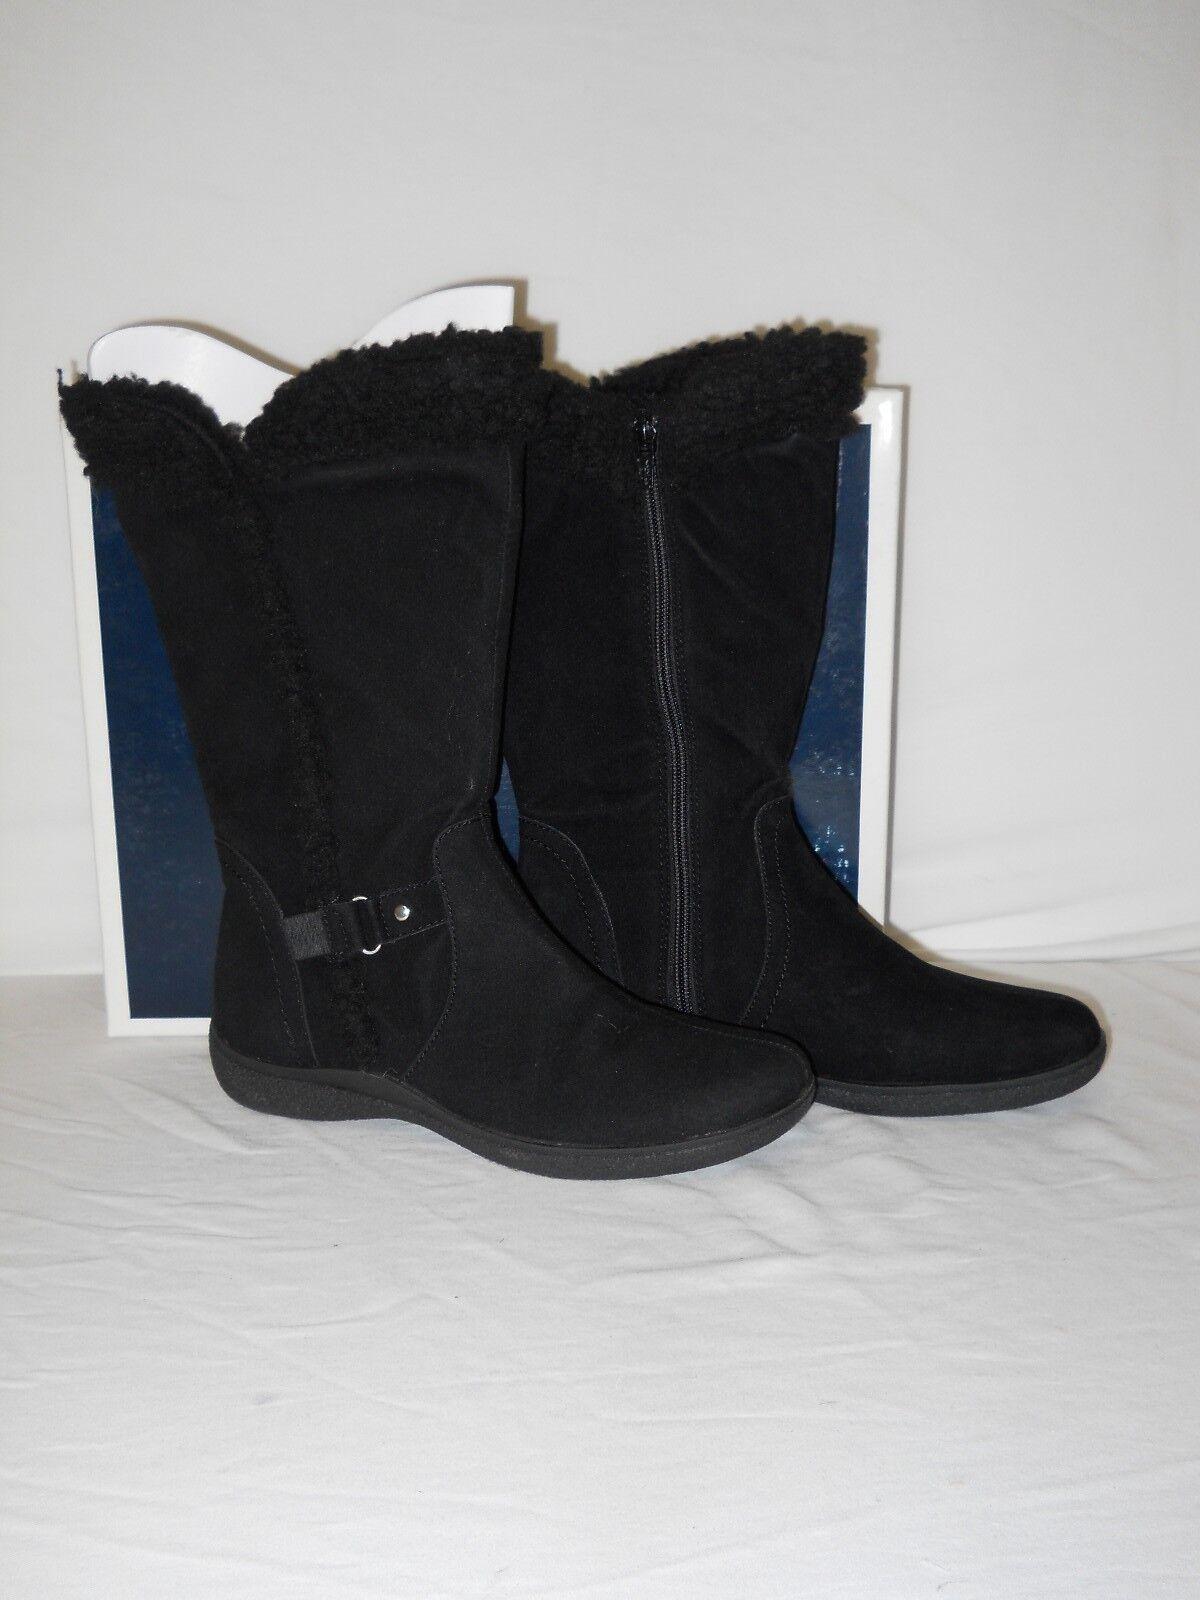 Karen Scott Nuevos Nuevos Nuevos Zapatos botas de mujer Gaby Negro 9.5 M Nuevo Con Caja  alto descuento